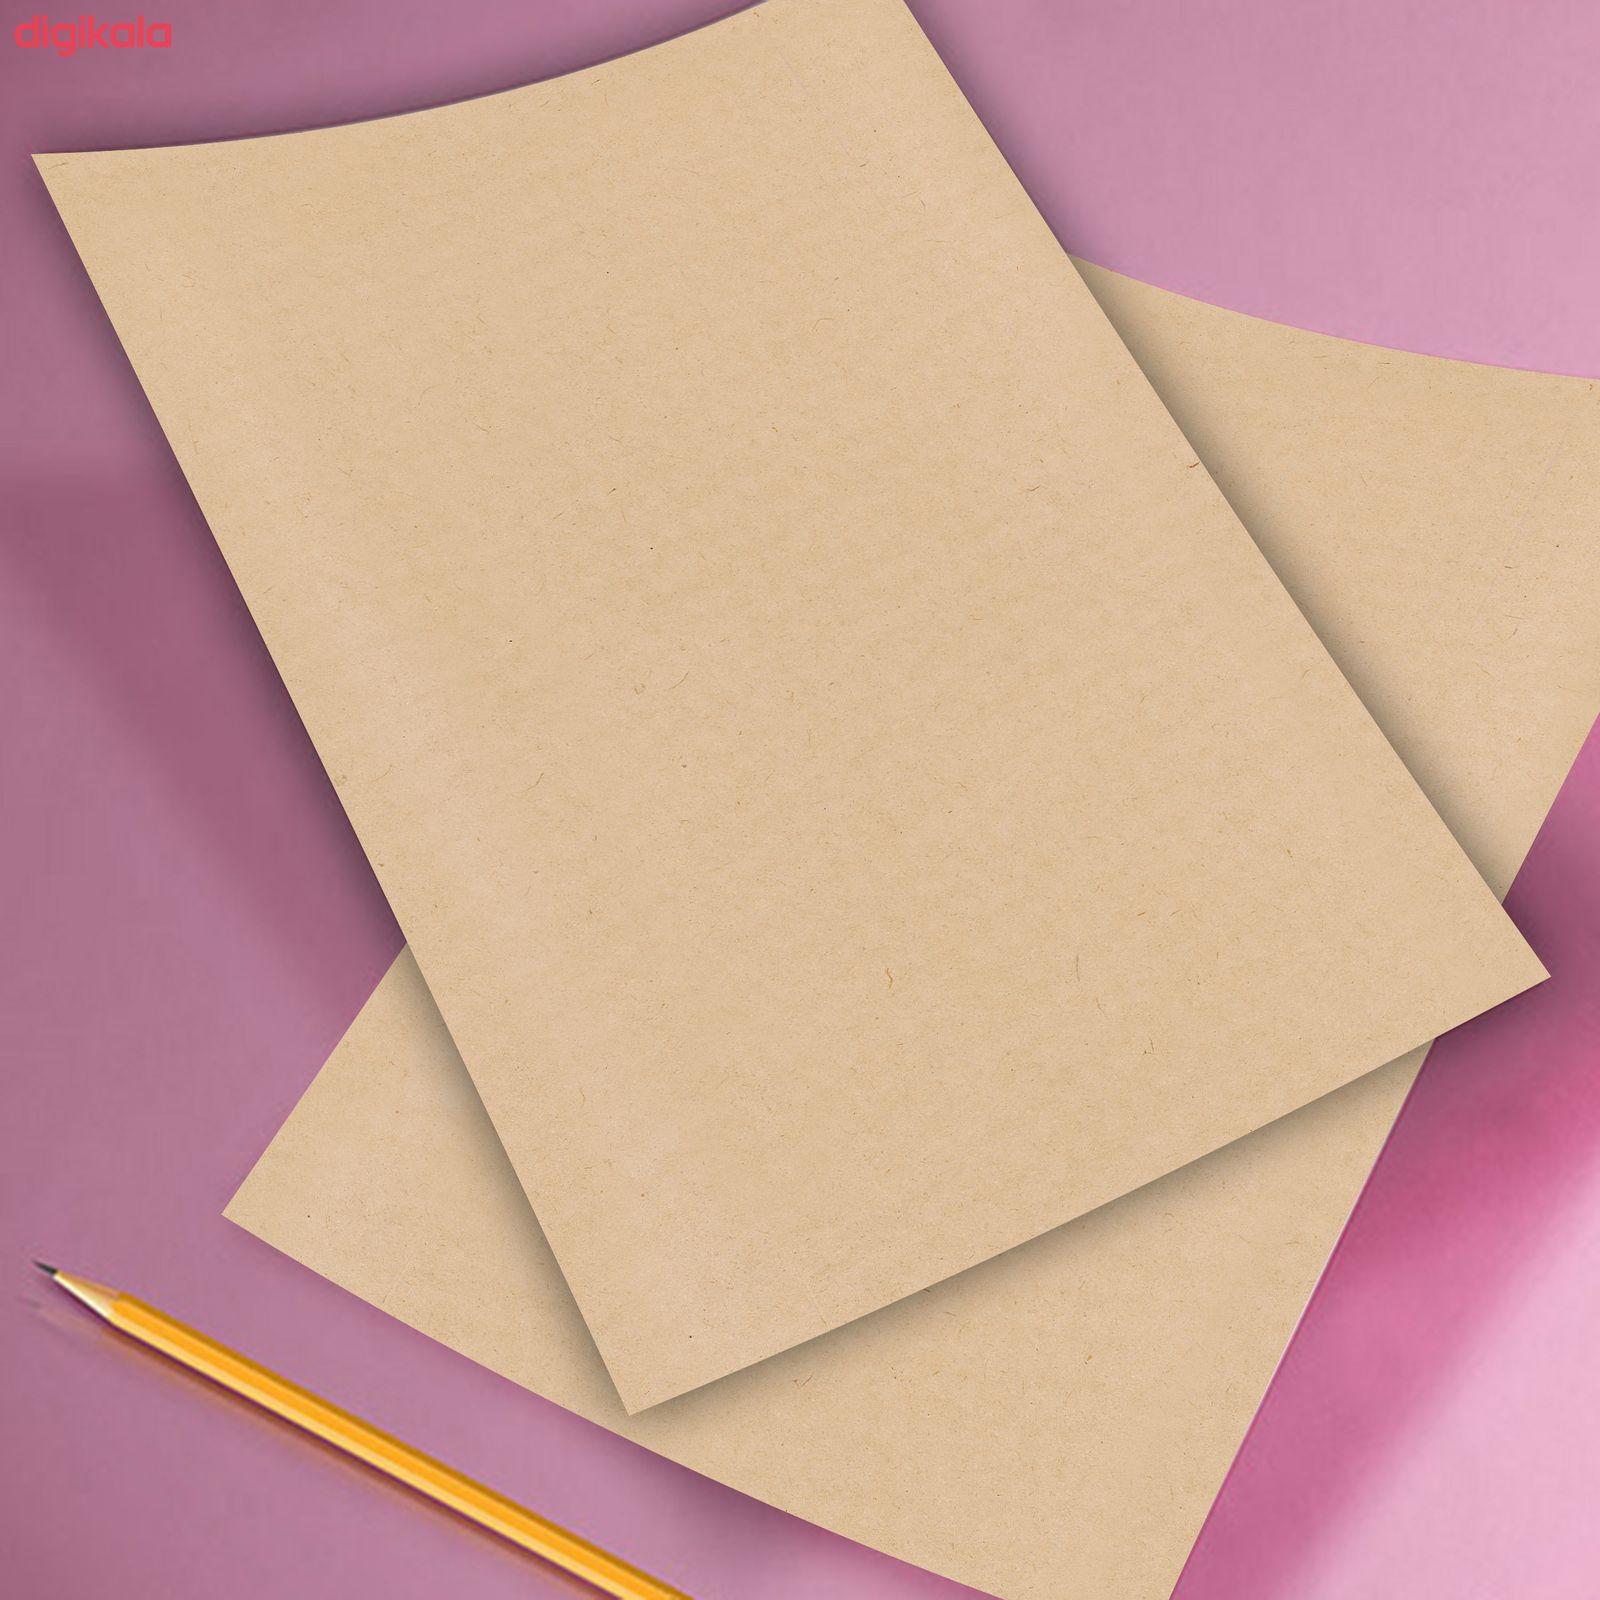 کاغذ کرافت مستر راد کد 1436 بسته 50 عددی main 1 22